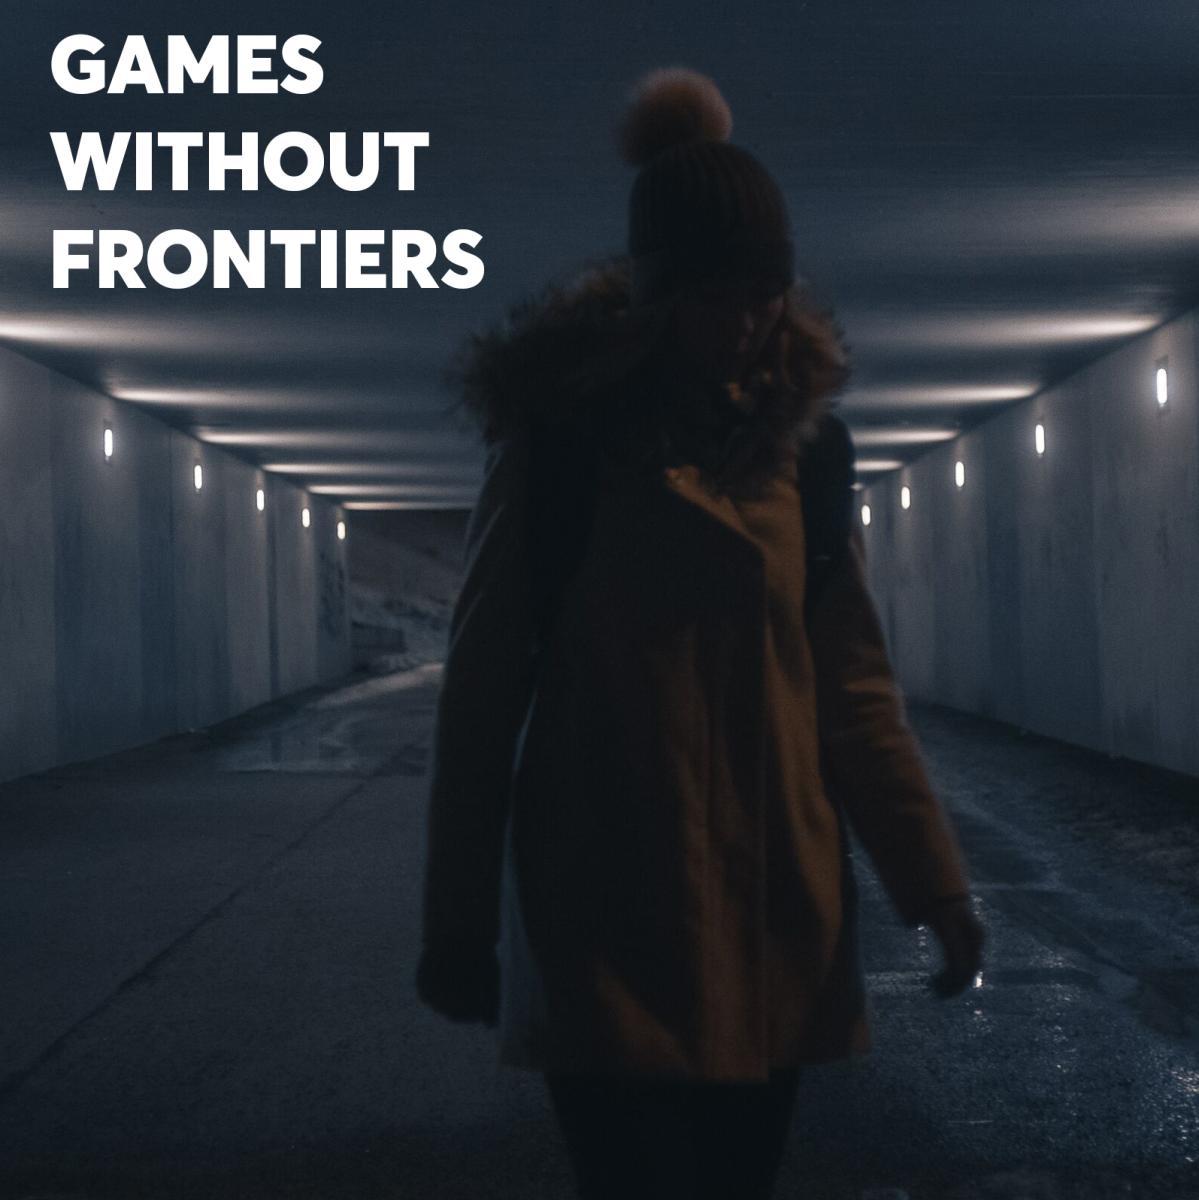 An unidentifiable man stands in a dark hallway underground.